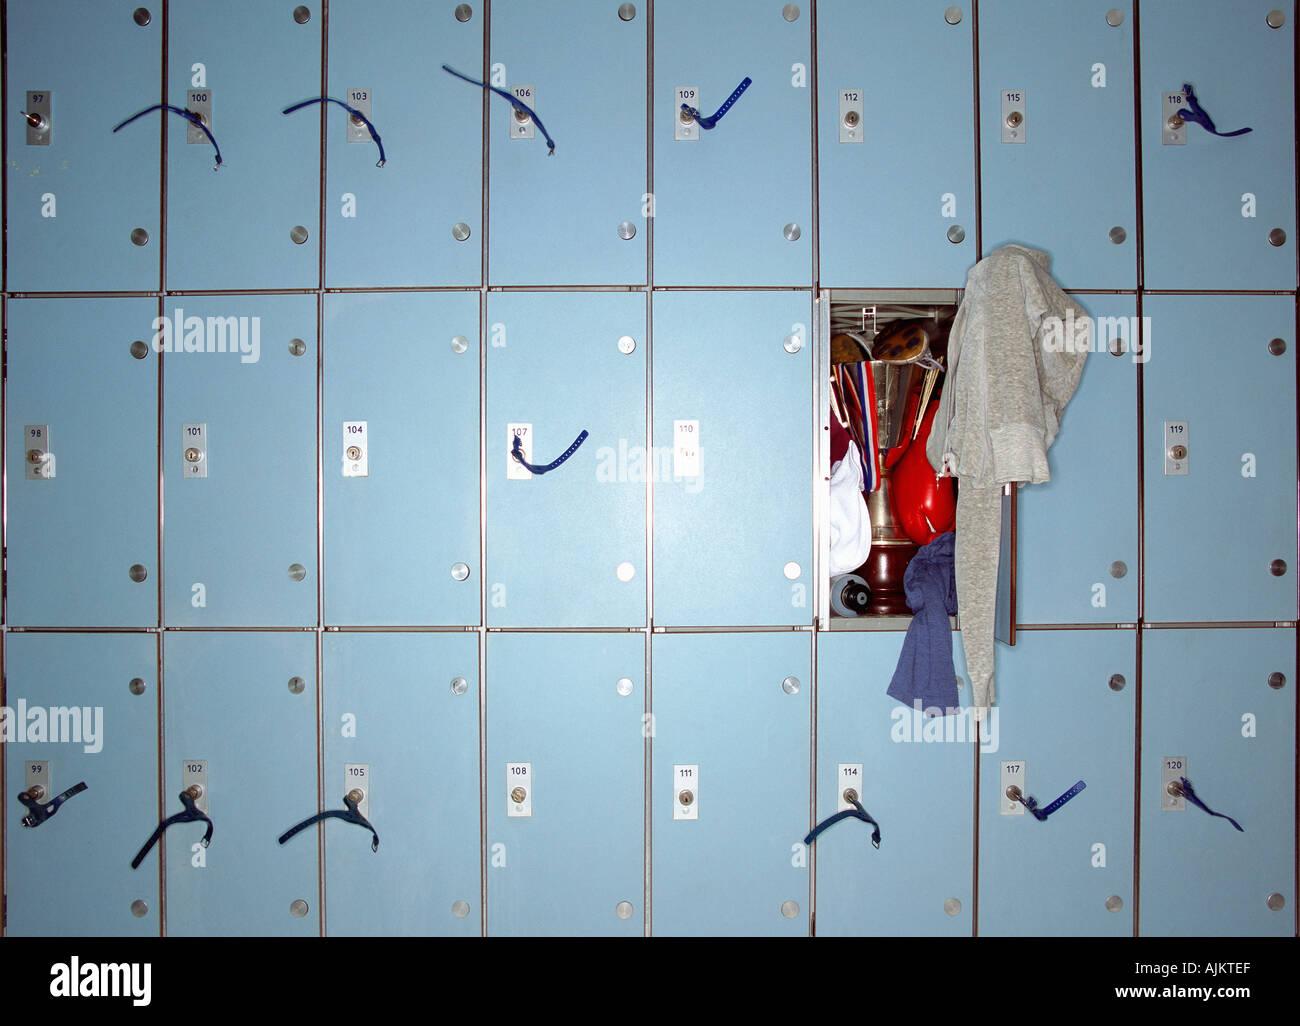 Trophy in messy locker - Stock Image